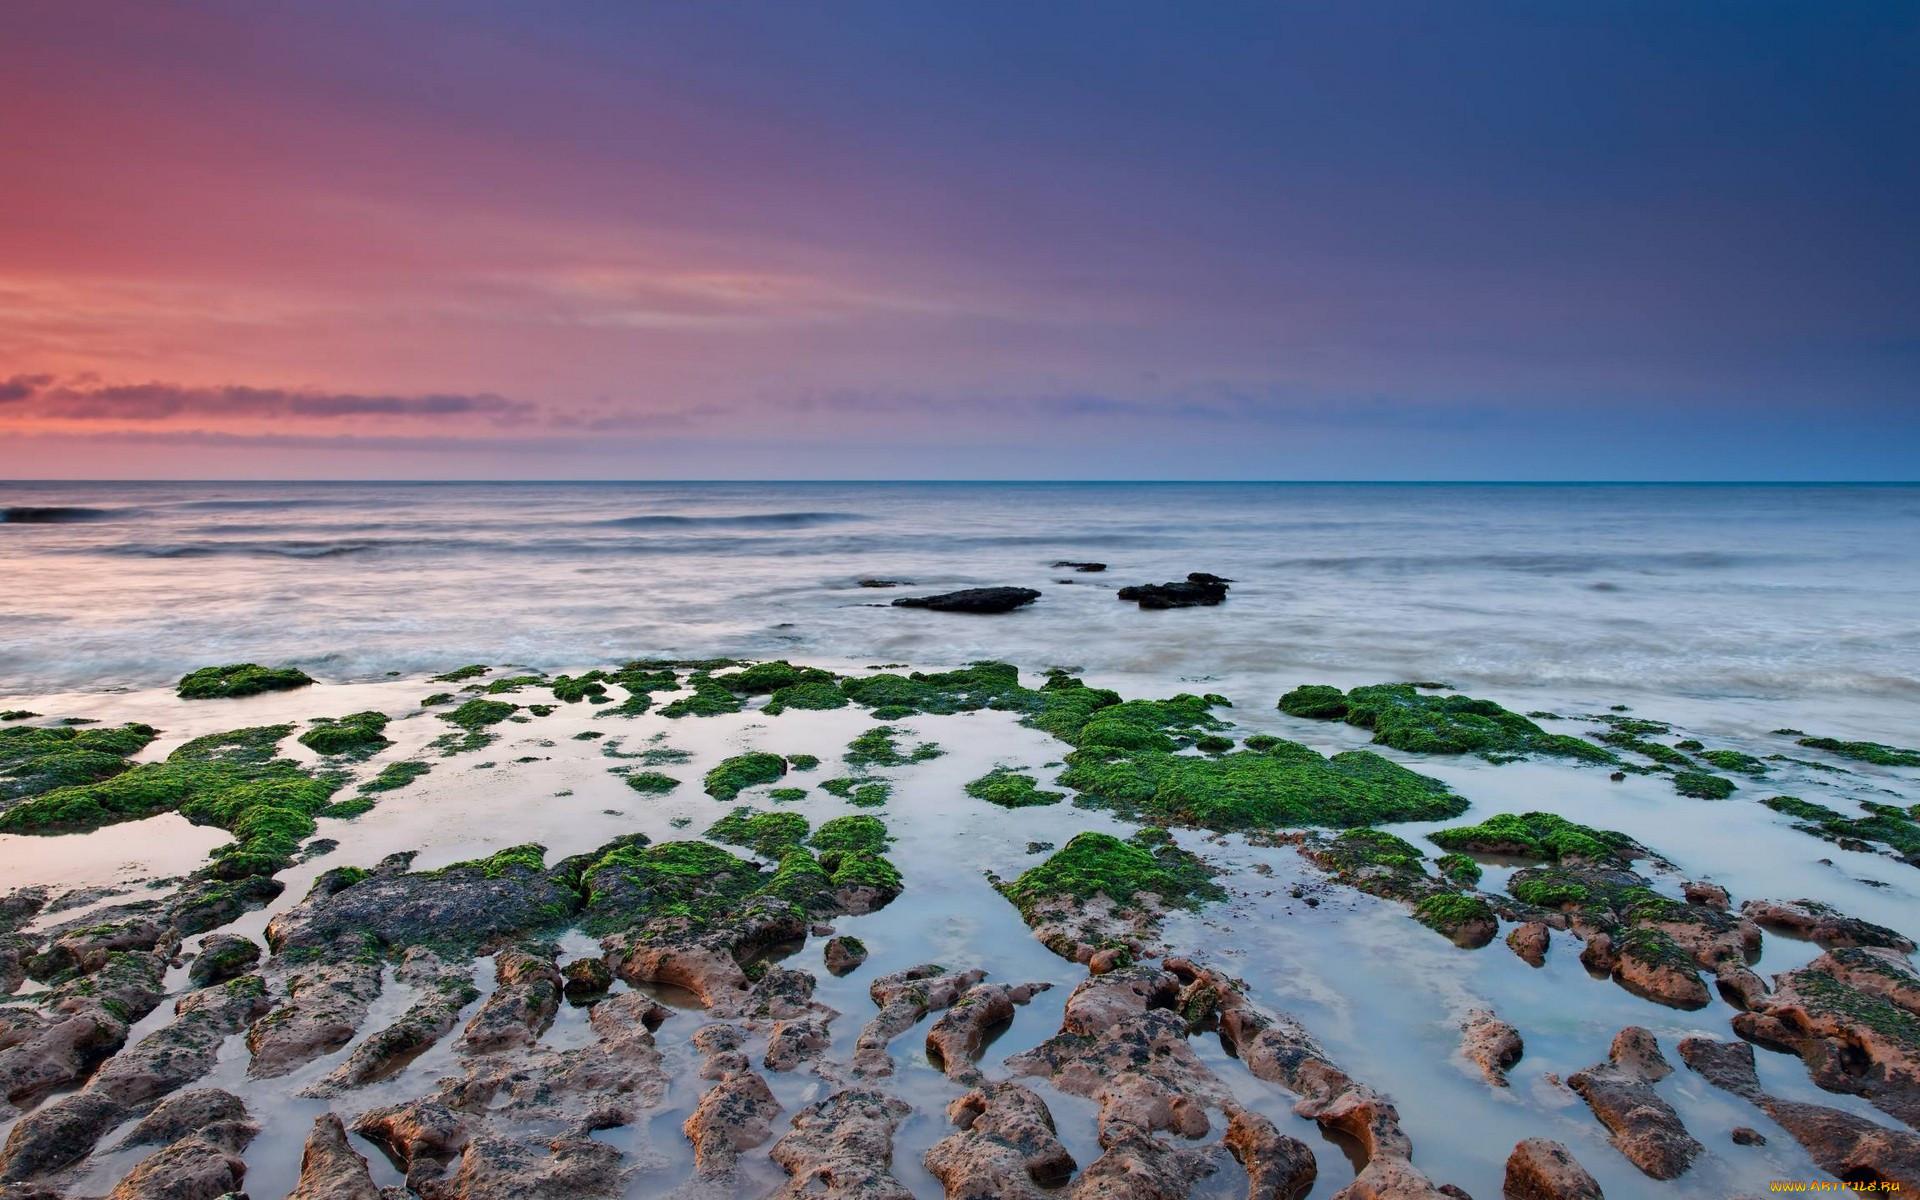 природа, побережье, море, камни, водоросли, берег, закат, небо